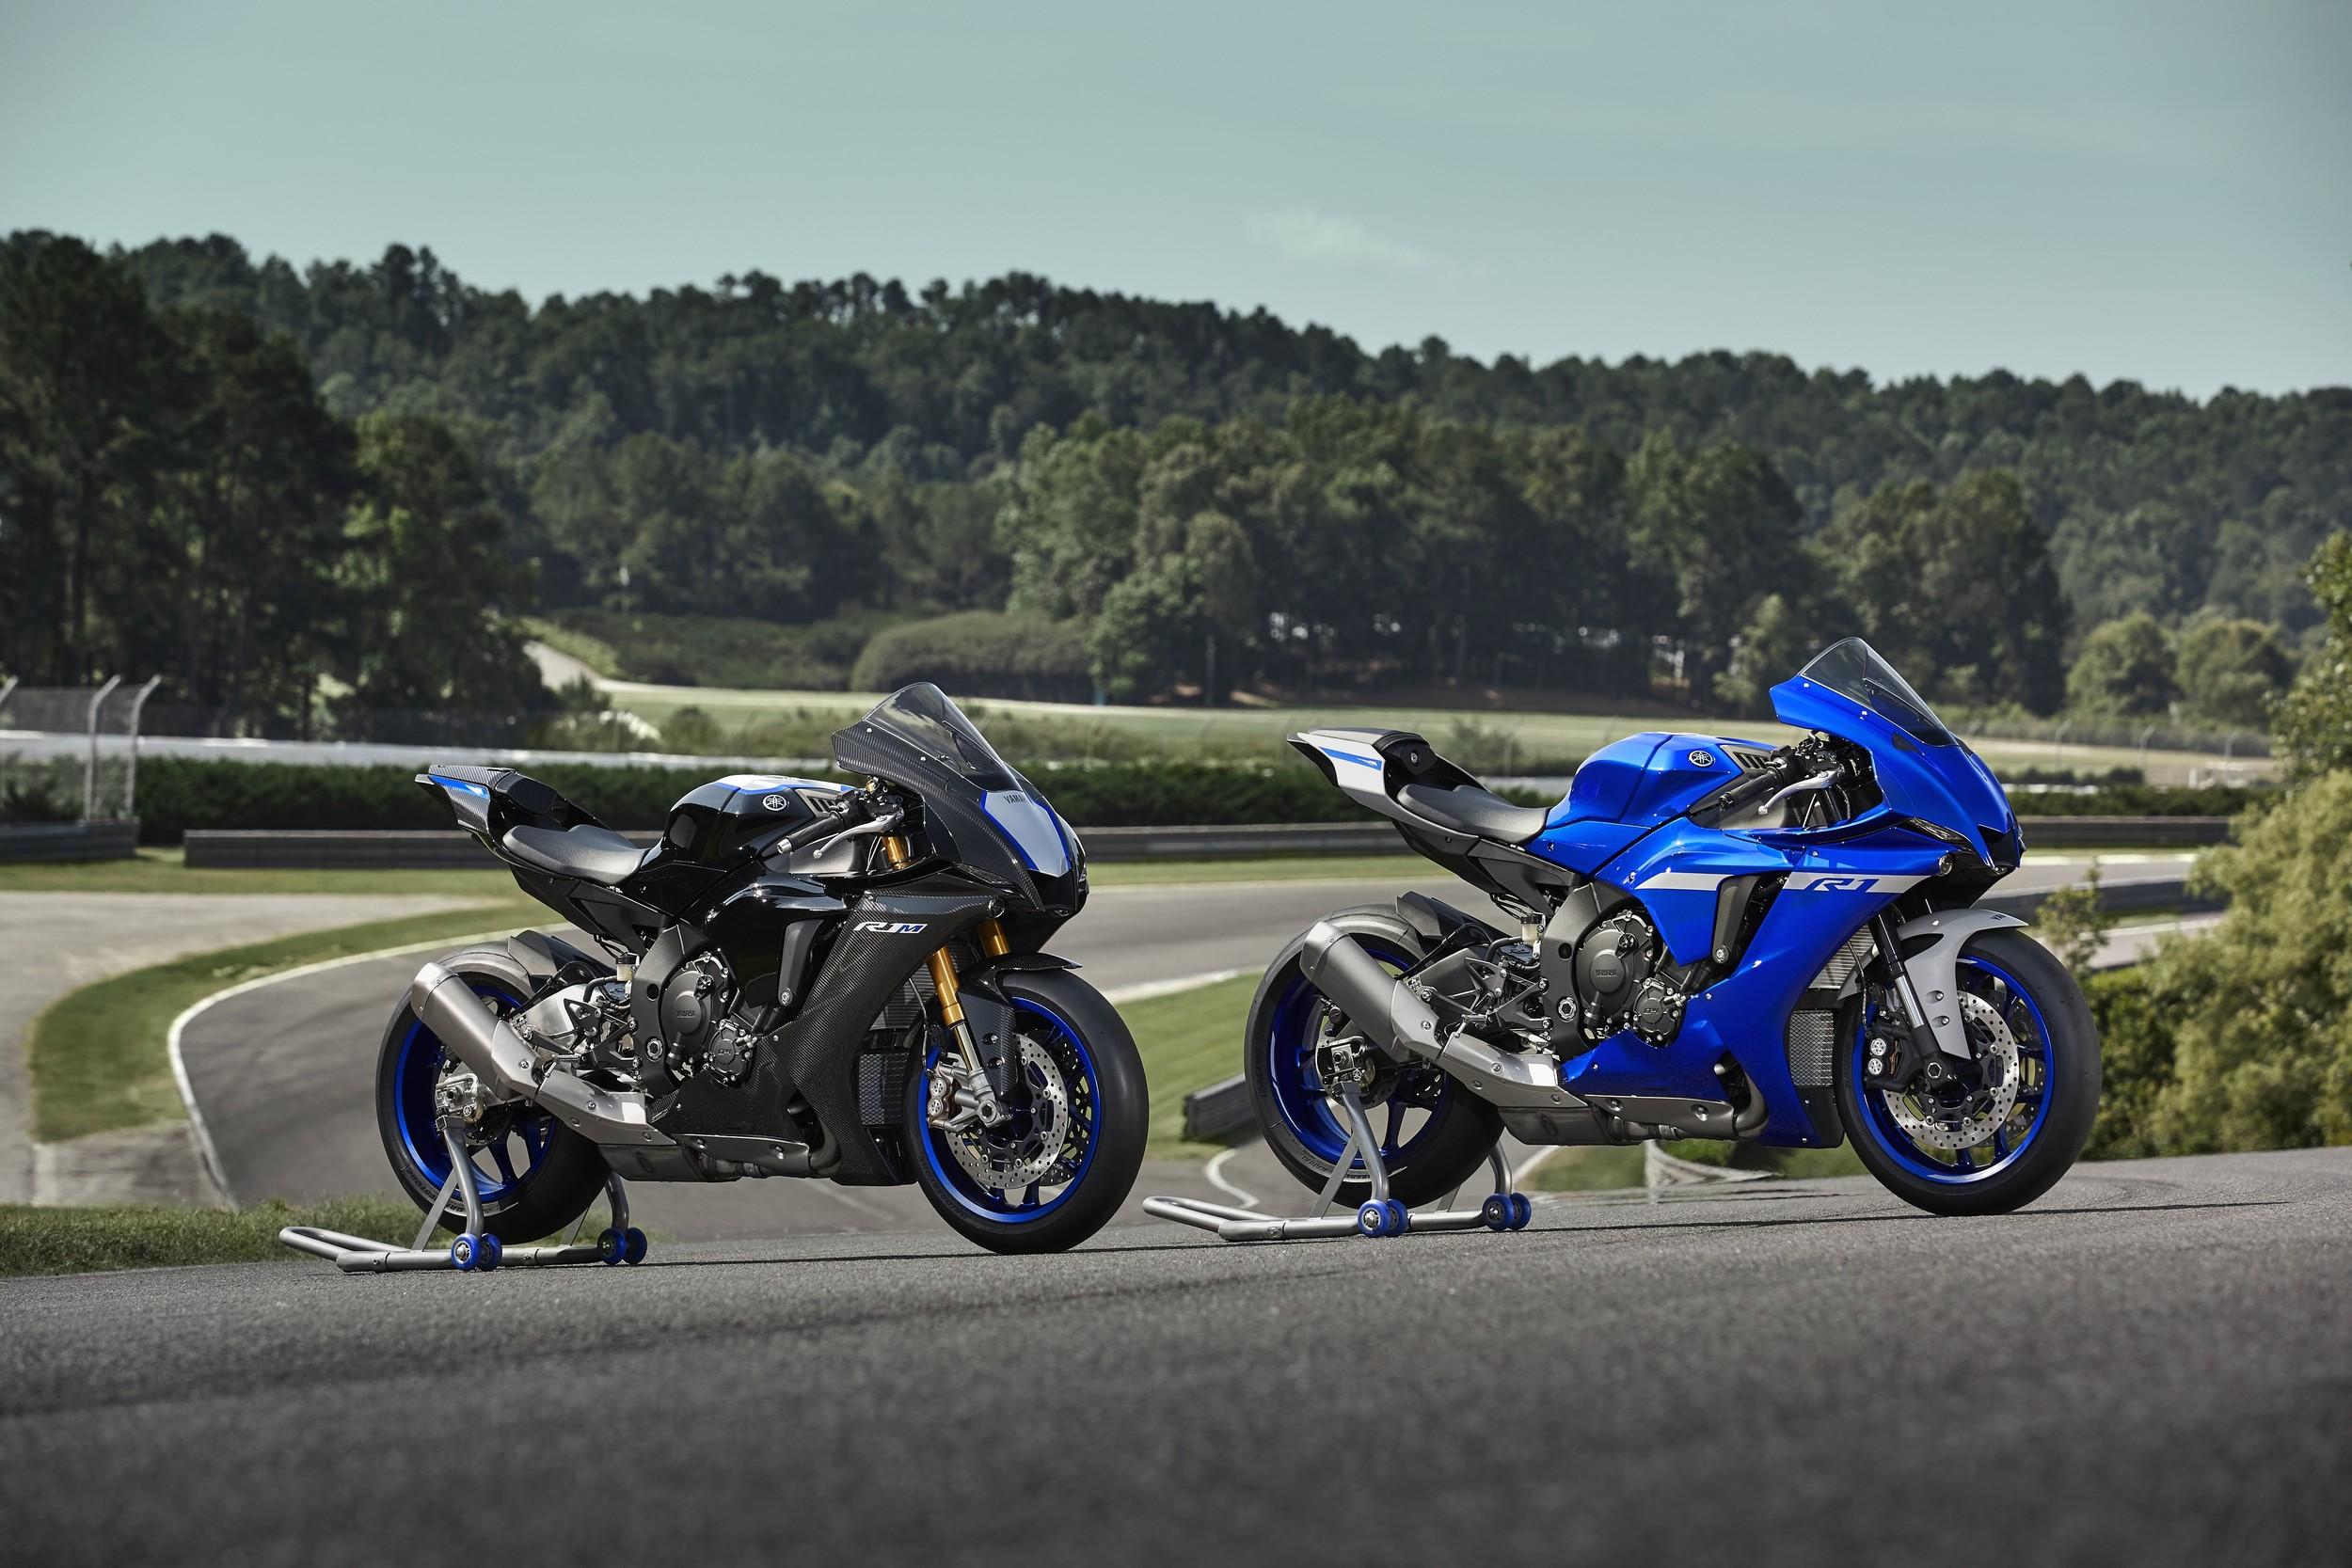 Yamaha Yzf R1 M 2020 Prezzo Disponibilita E Caratteristiche